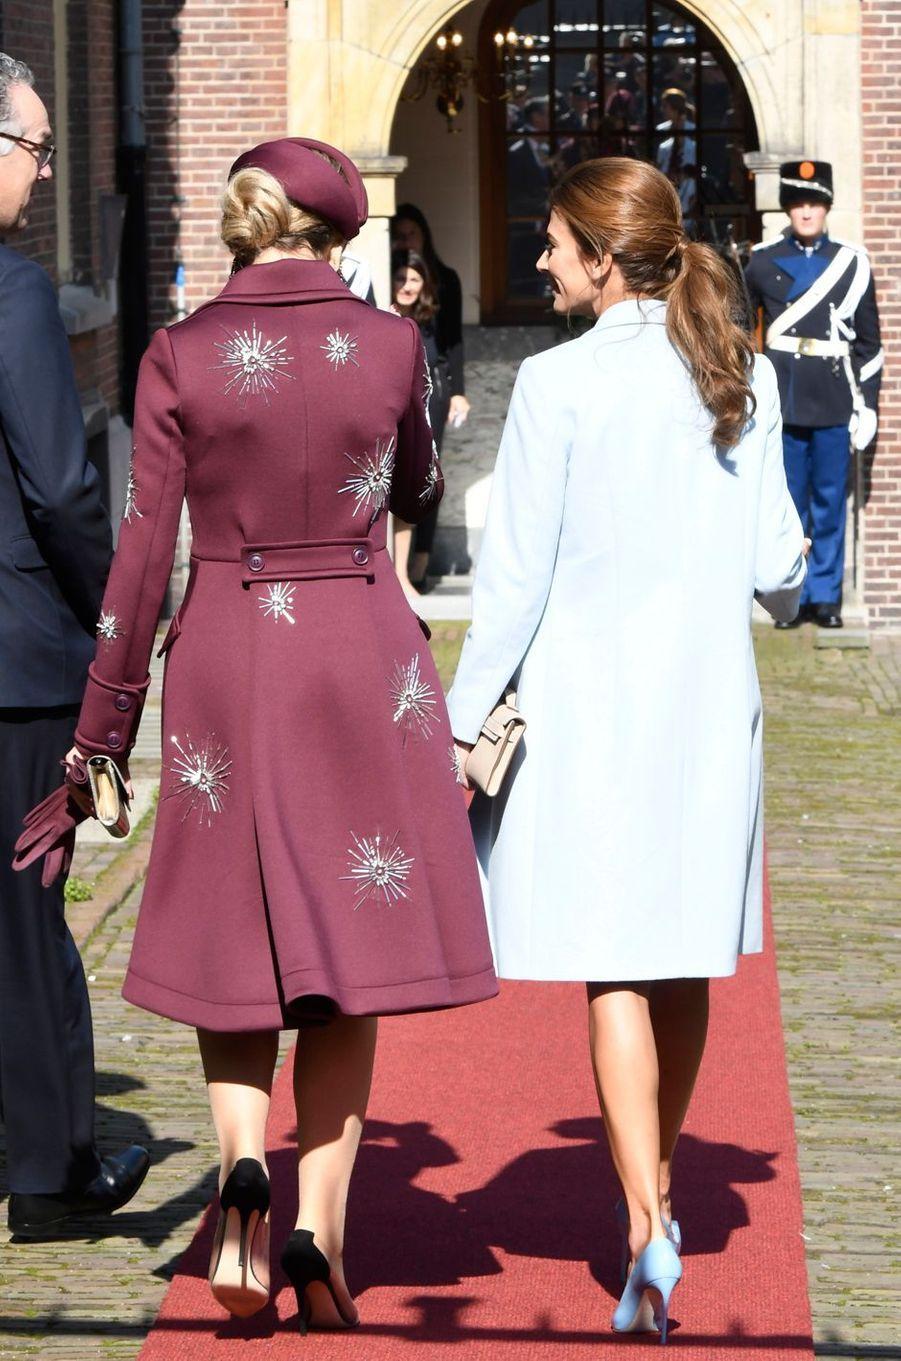 La reine Maxima des Pays-Bas dans un original manteau de Claes Iversen, avec Juliana Awada, à La Haye le 28 mars 2017